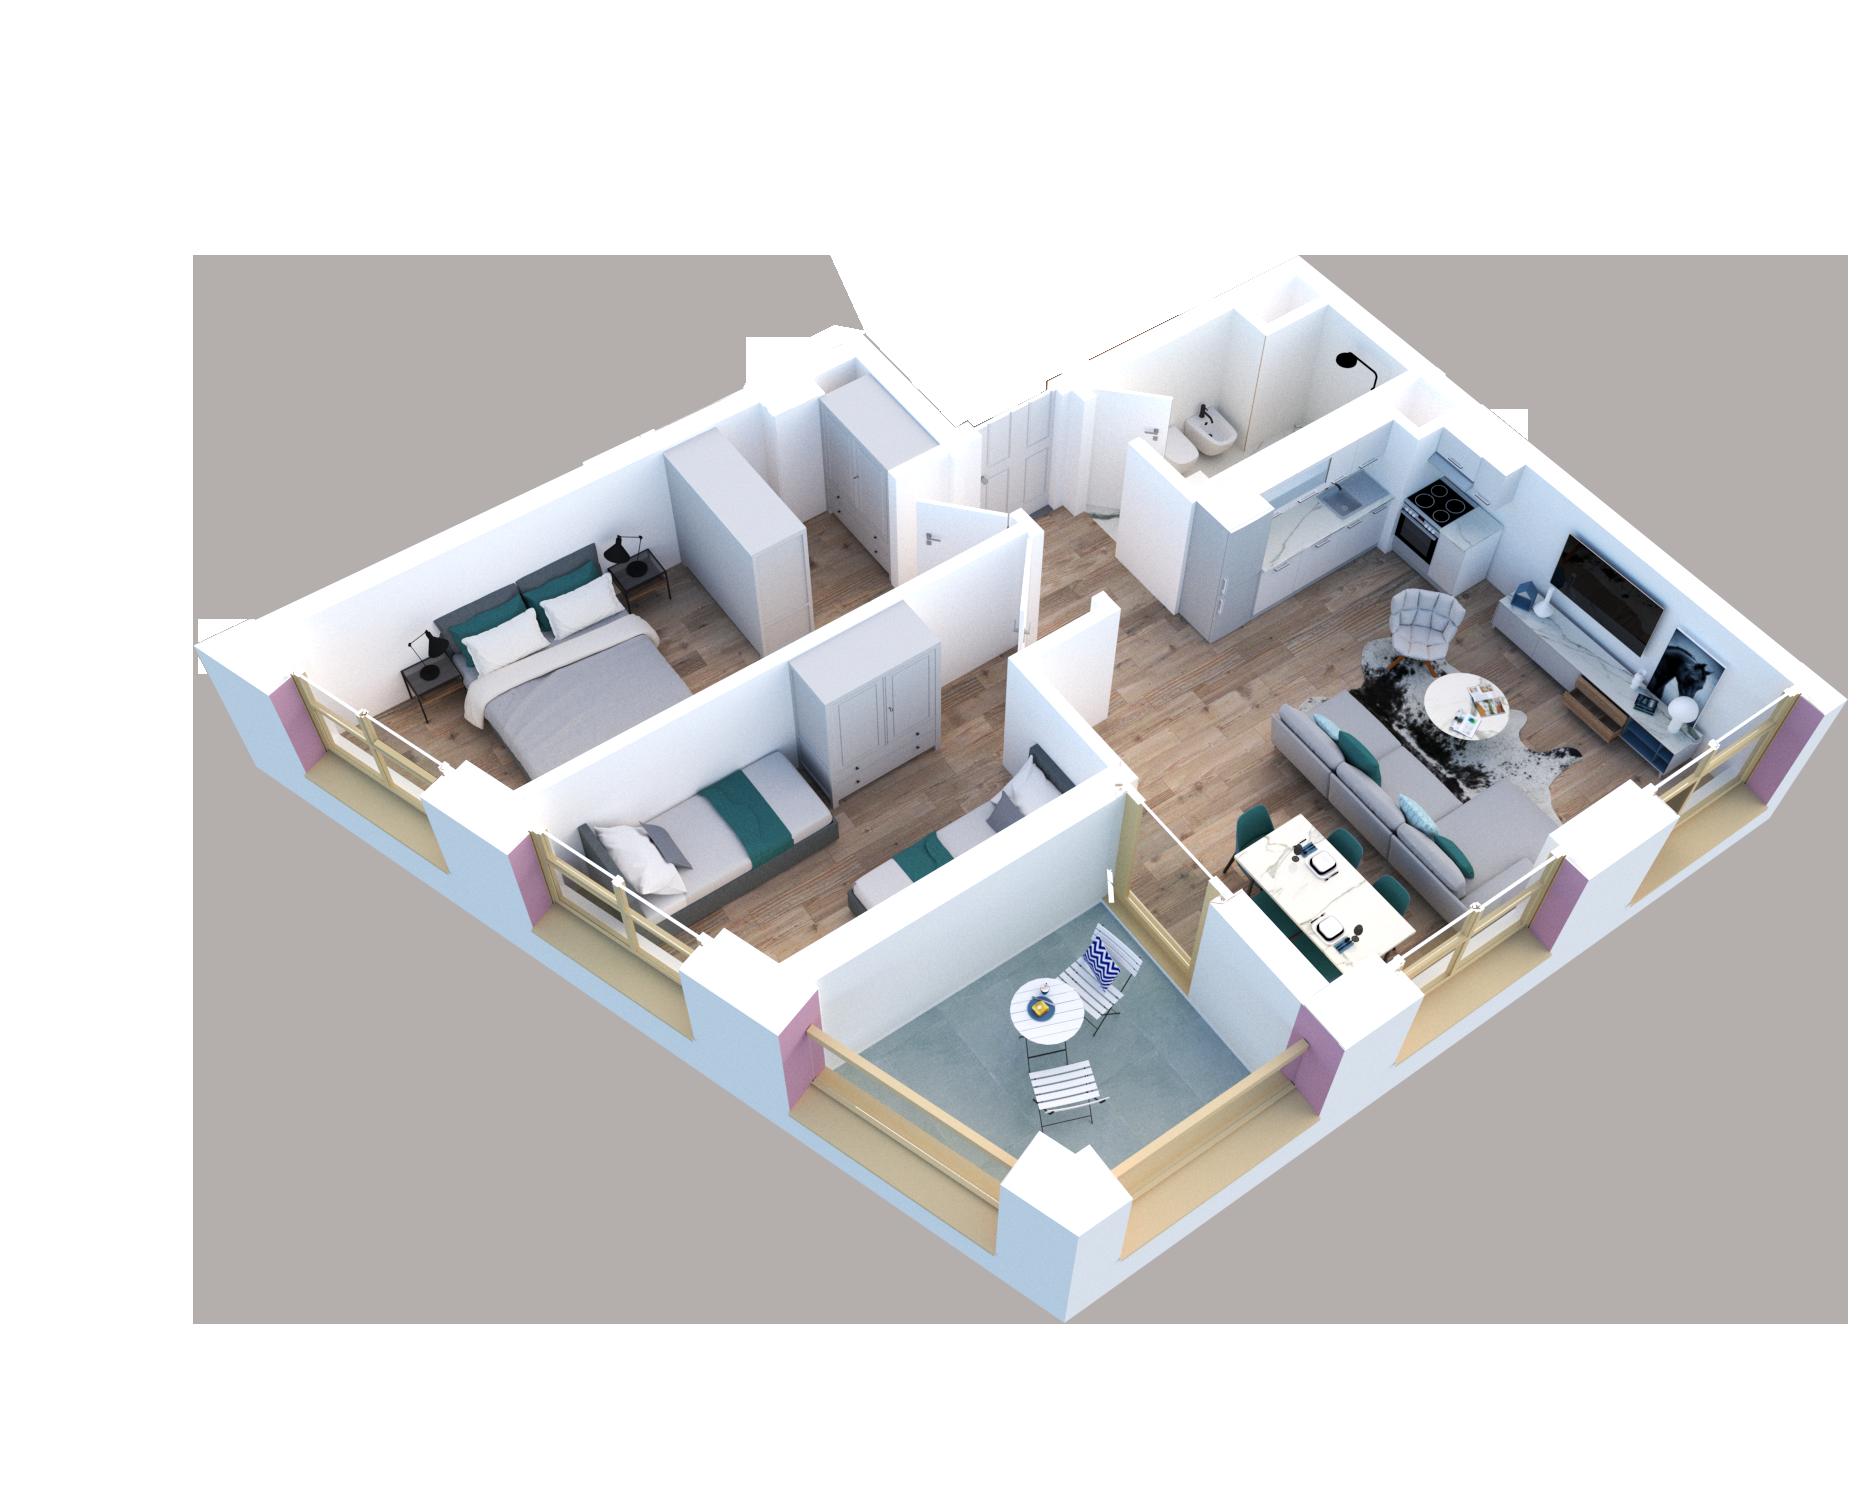 Apartament 2+1 në shitje në Tiranë - Mangalem 21 Shkalla 28 Kati 2